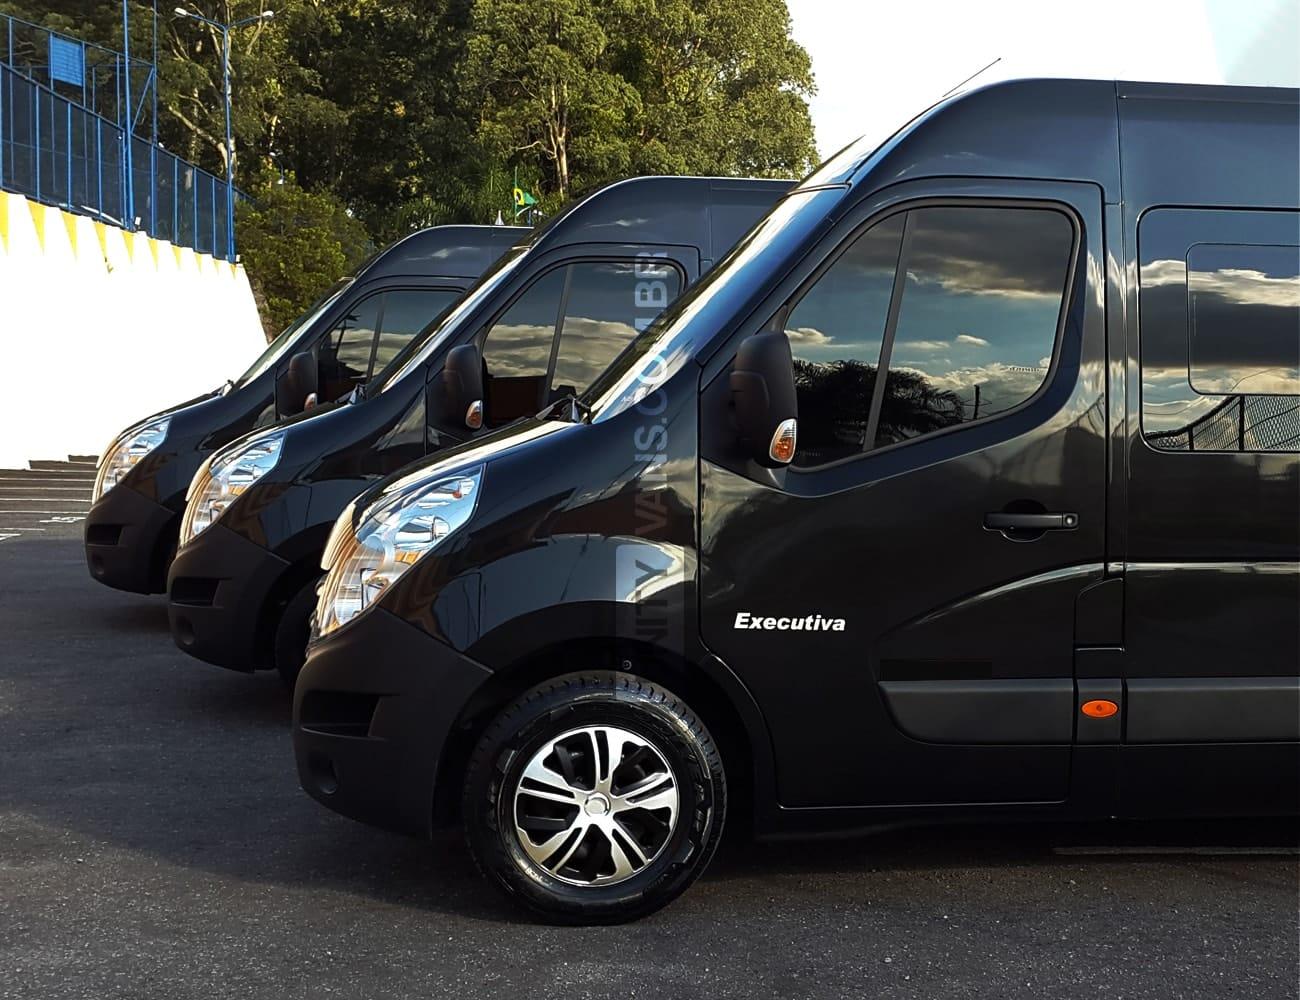 transporte executivo em sp Luxo com Van e JETVAN